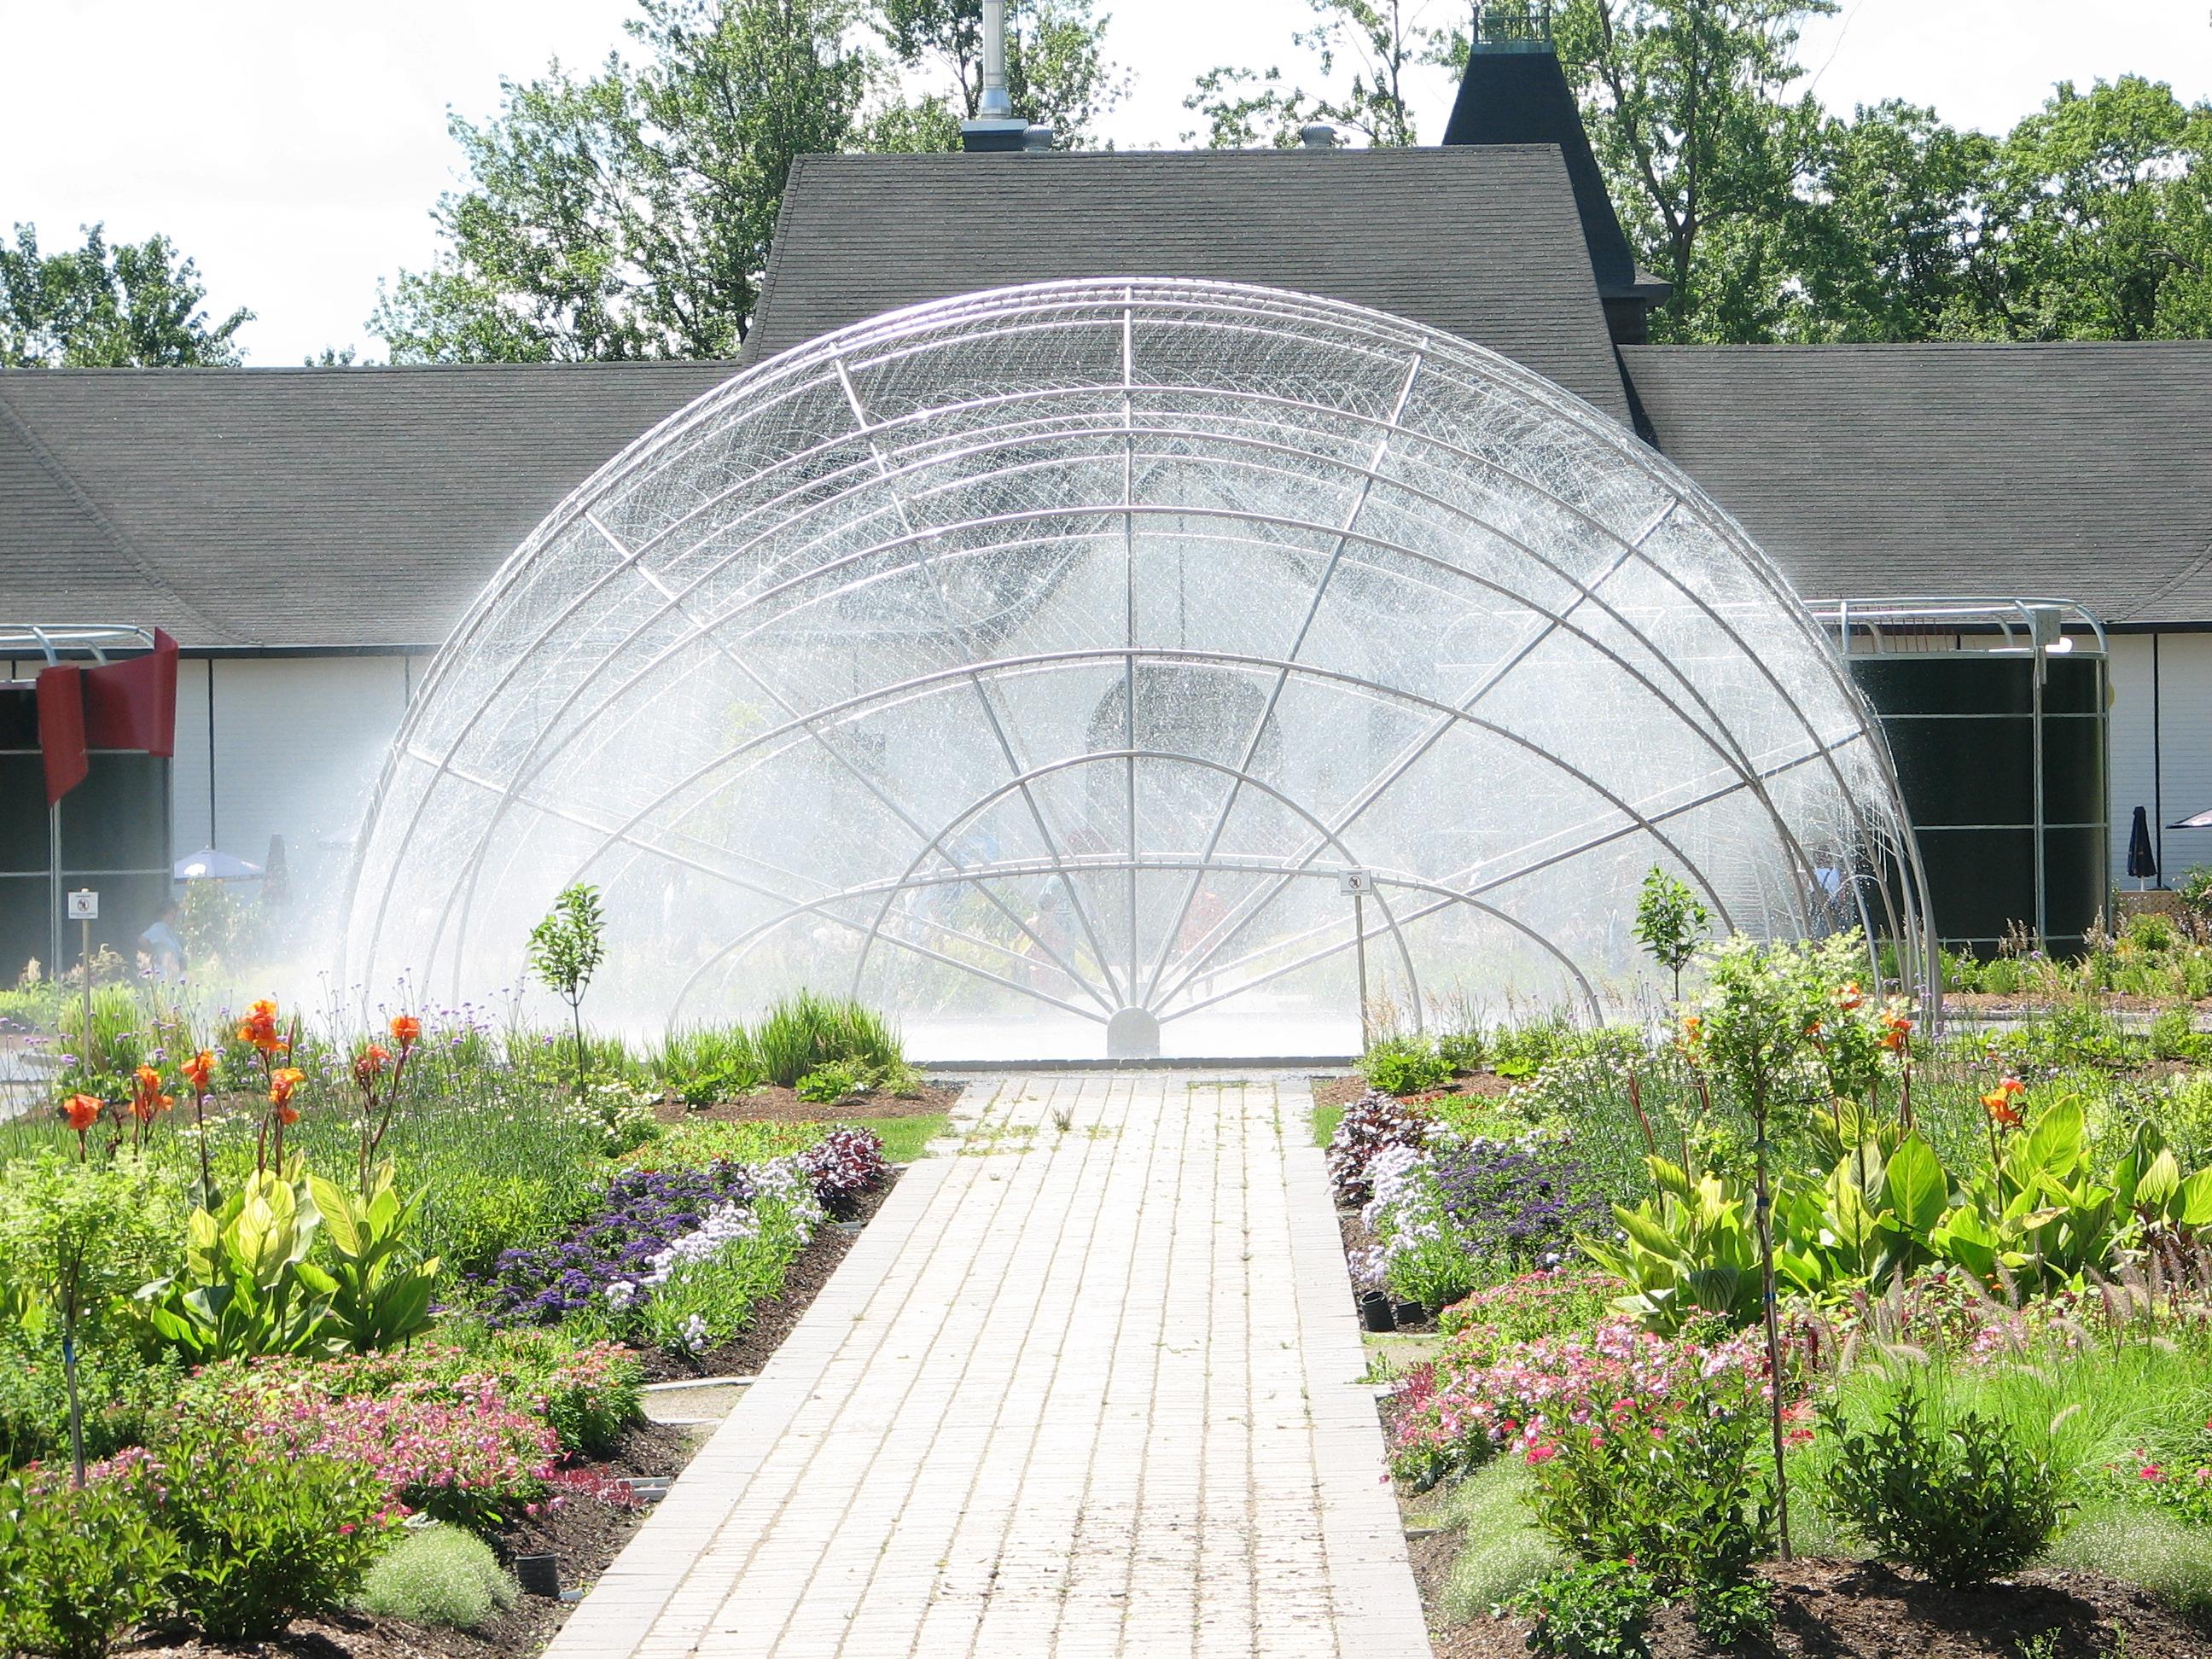 Jardin zoologique de qu bec for Construire une fontaine de jardin